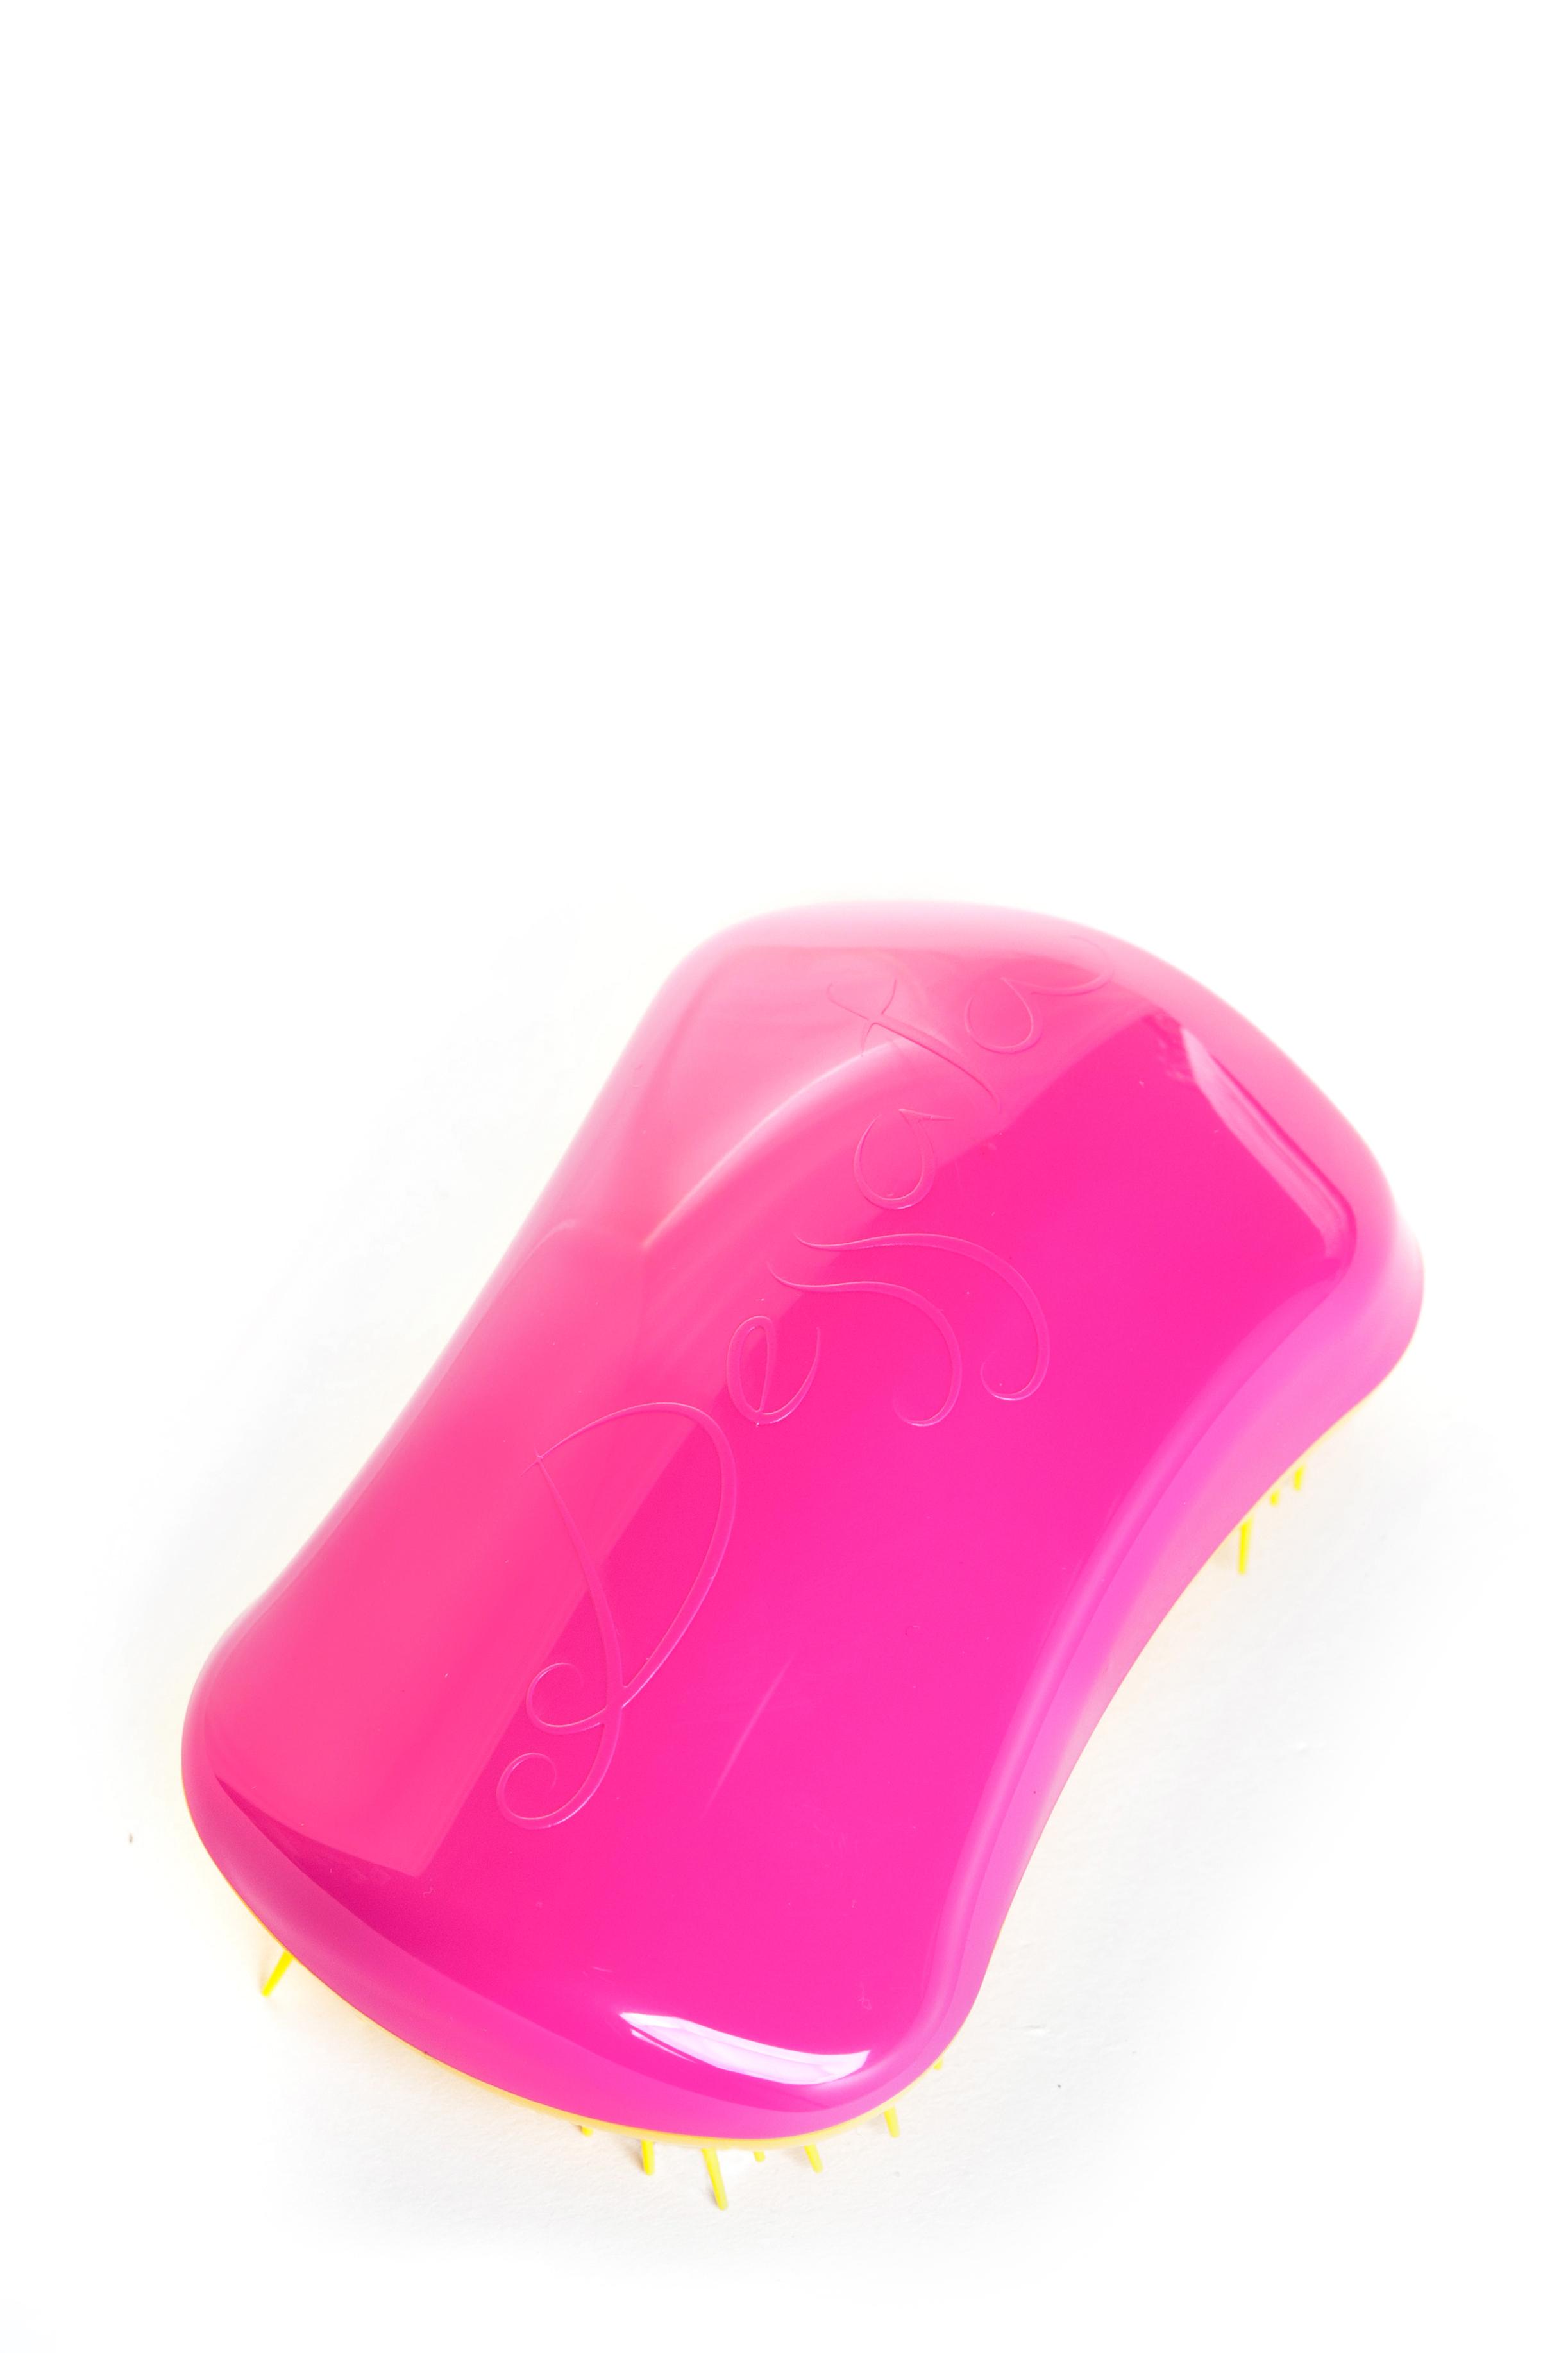 DESSATA Расческа для волос Dessata Hair Brush Original Fuchsia-Yellow; Фуксия-ЖелтыйРасчески<br>Расческа Dessata Original быстро и легко расчесывает волосы, не требует использования дополнительных средств. Специальная конструкция расчески исключает спутывание и повреждение волос. Dessata подходит для всех типов волос. 440 зубчиков разной длины бережно расчесывают даже самые спутанные волосы не травимруя их. Благодаря эргономичному дизайну расческа удобно лежит в руке, повторяя форму голов Материал: гипоаллергенный пластик.<br><br>Типы волос: Для всех типов